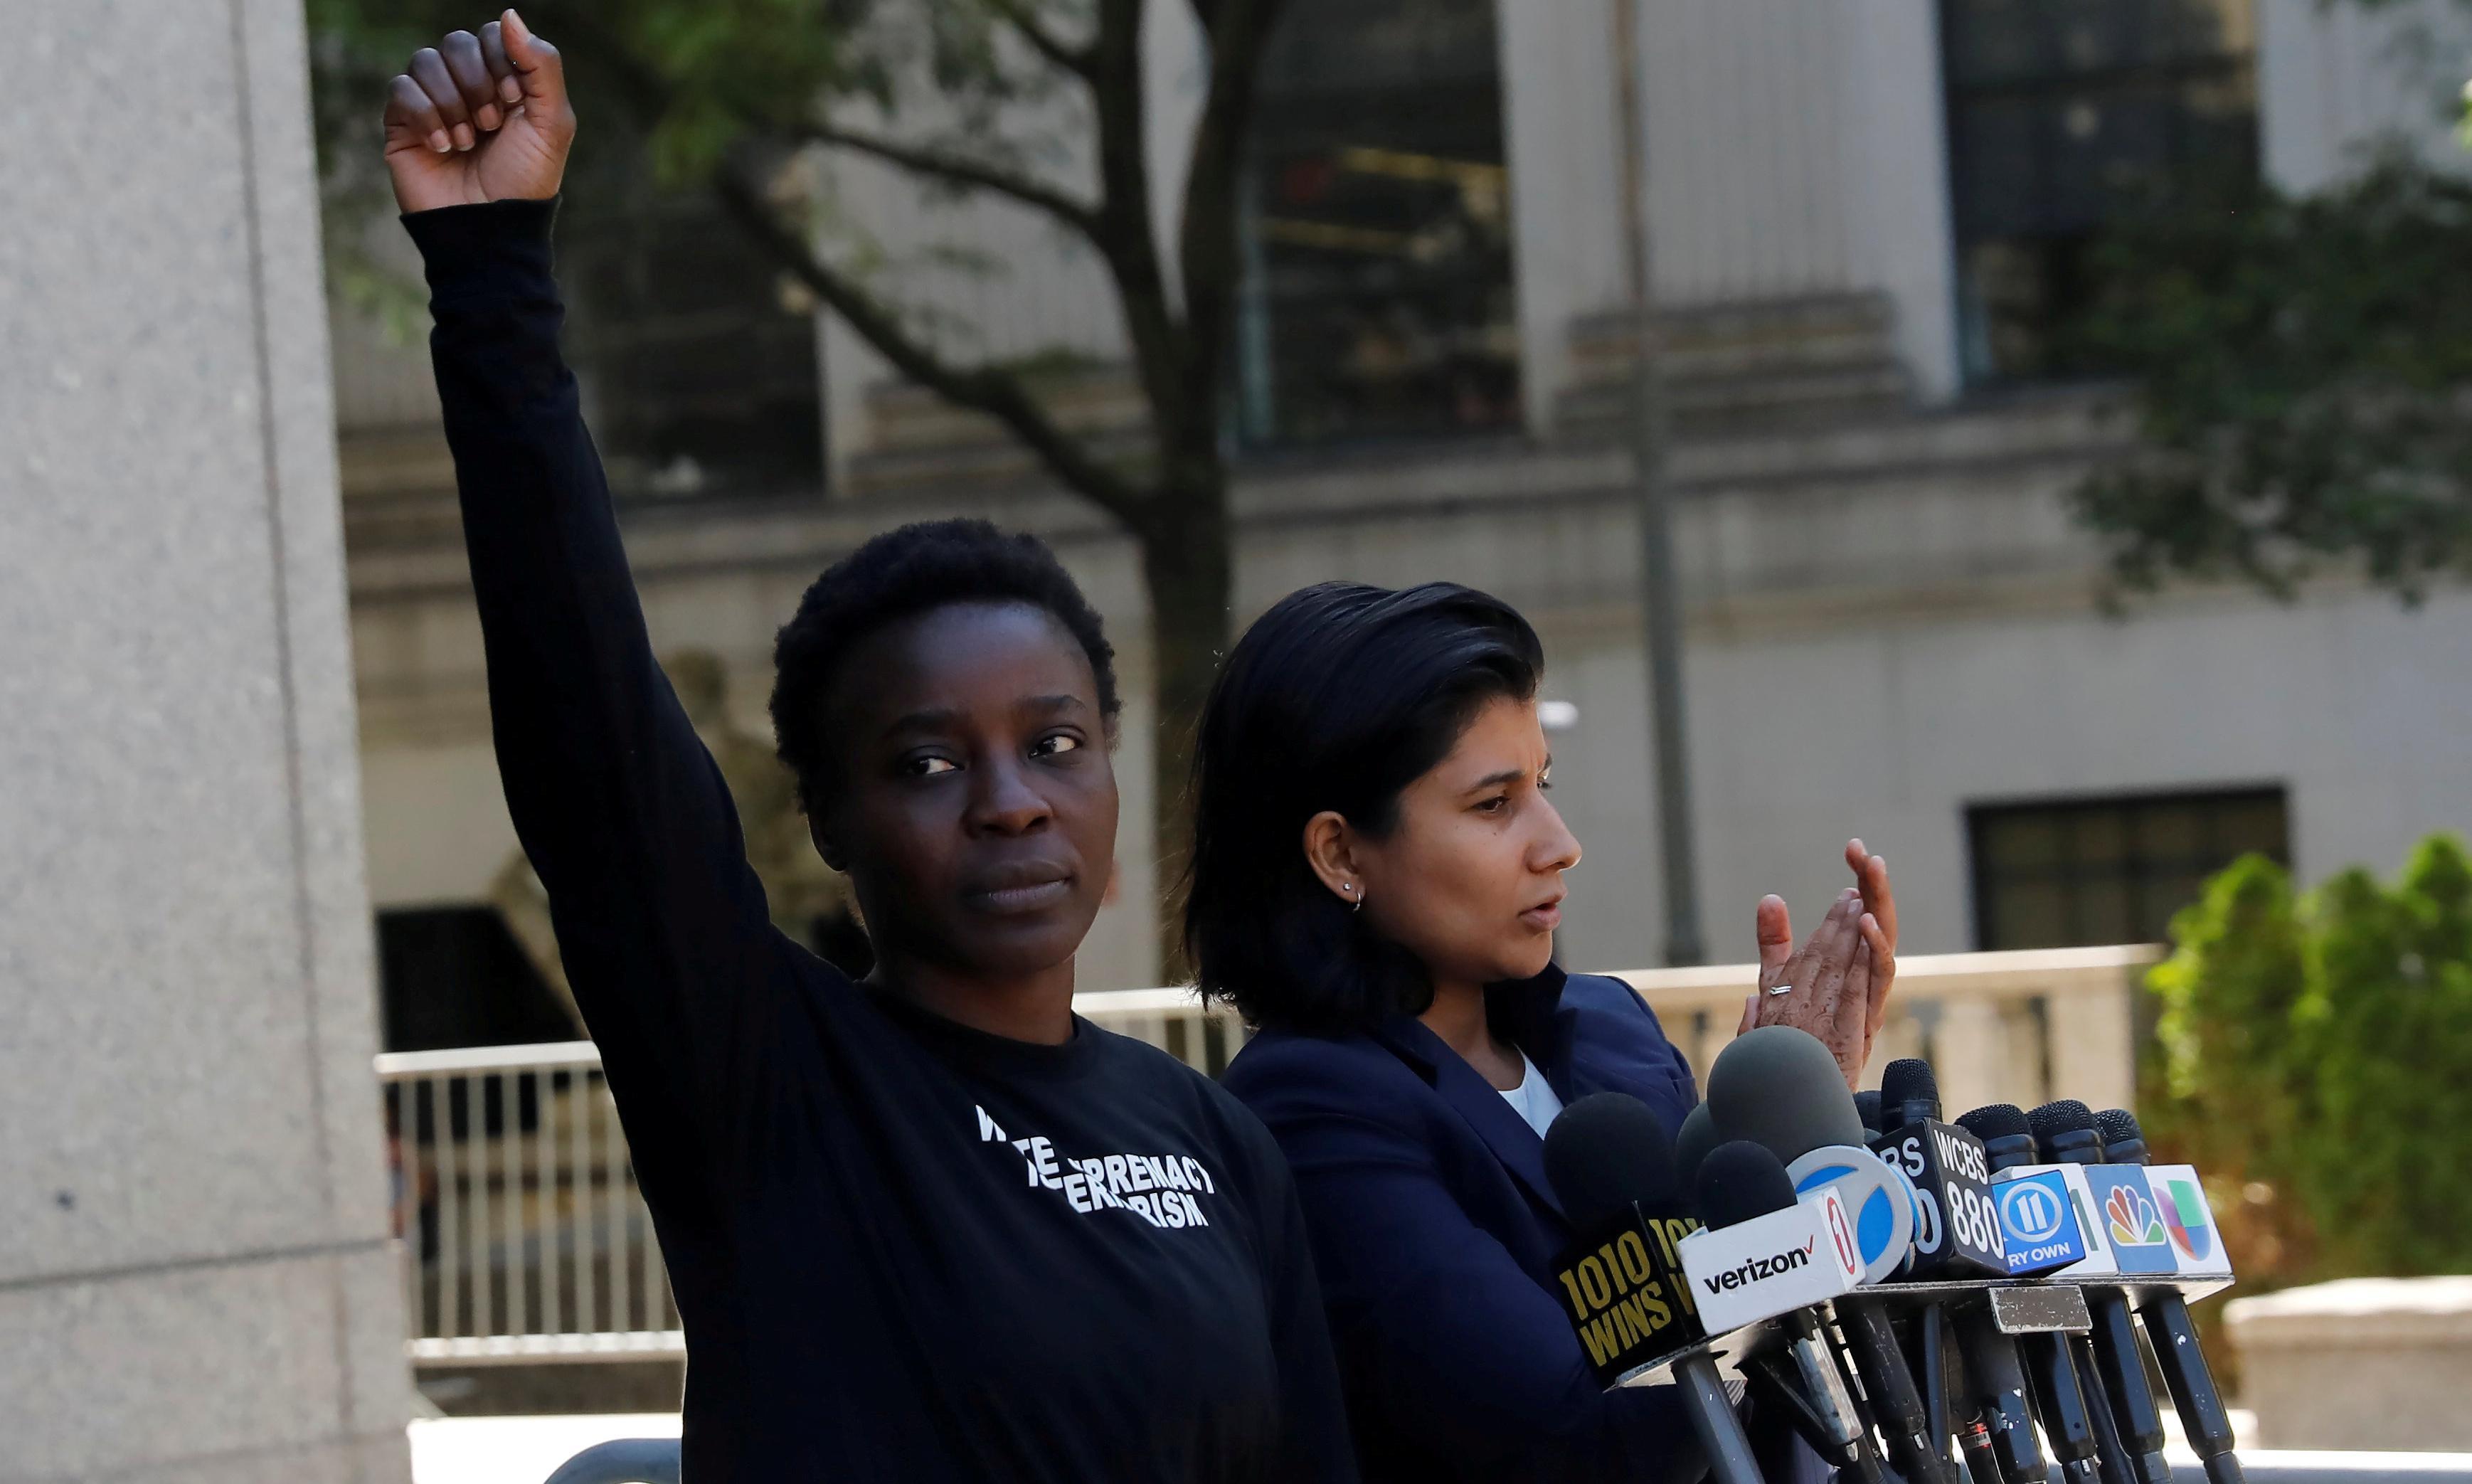 'I must continue': Statue of Liberty climber still protesting despite facing prison